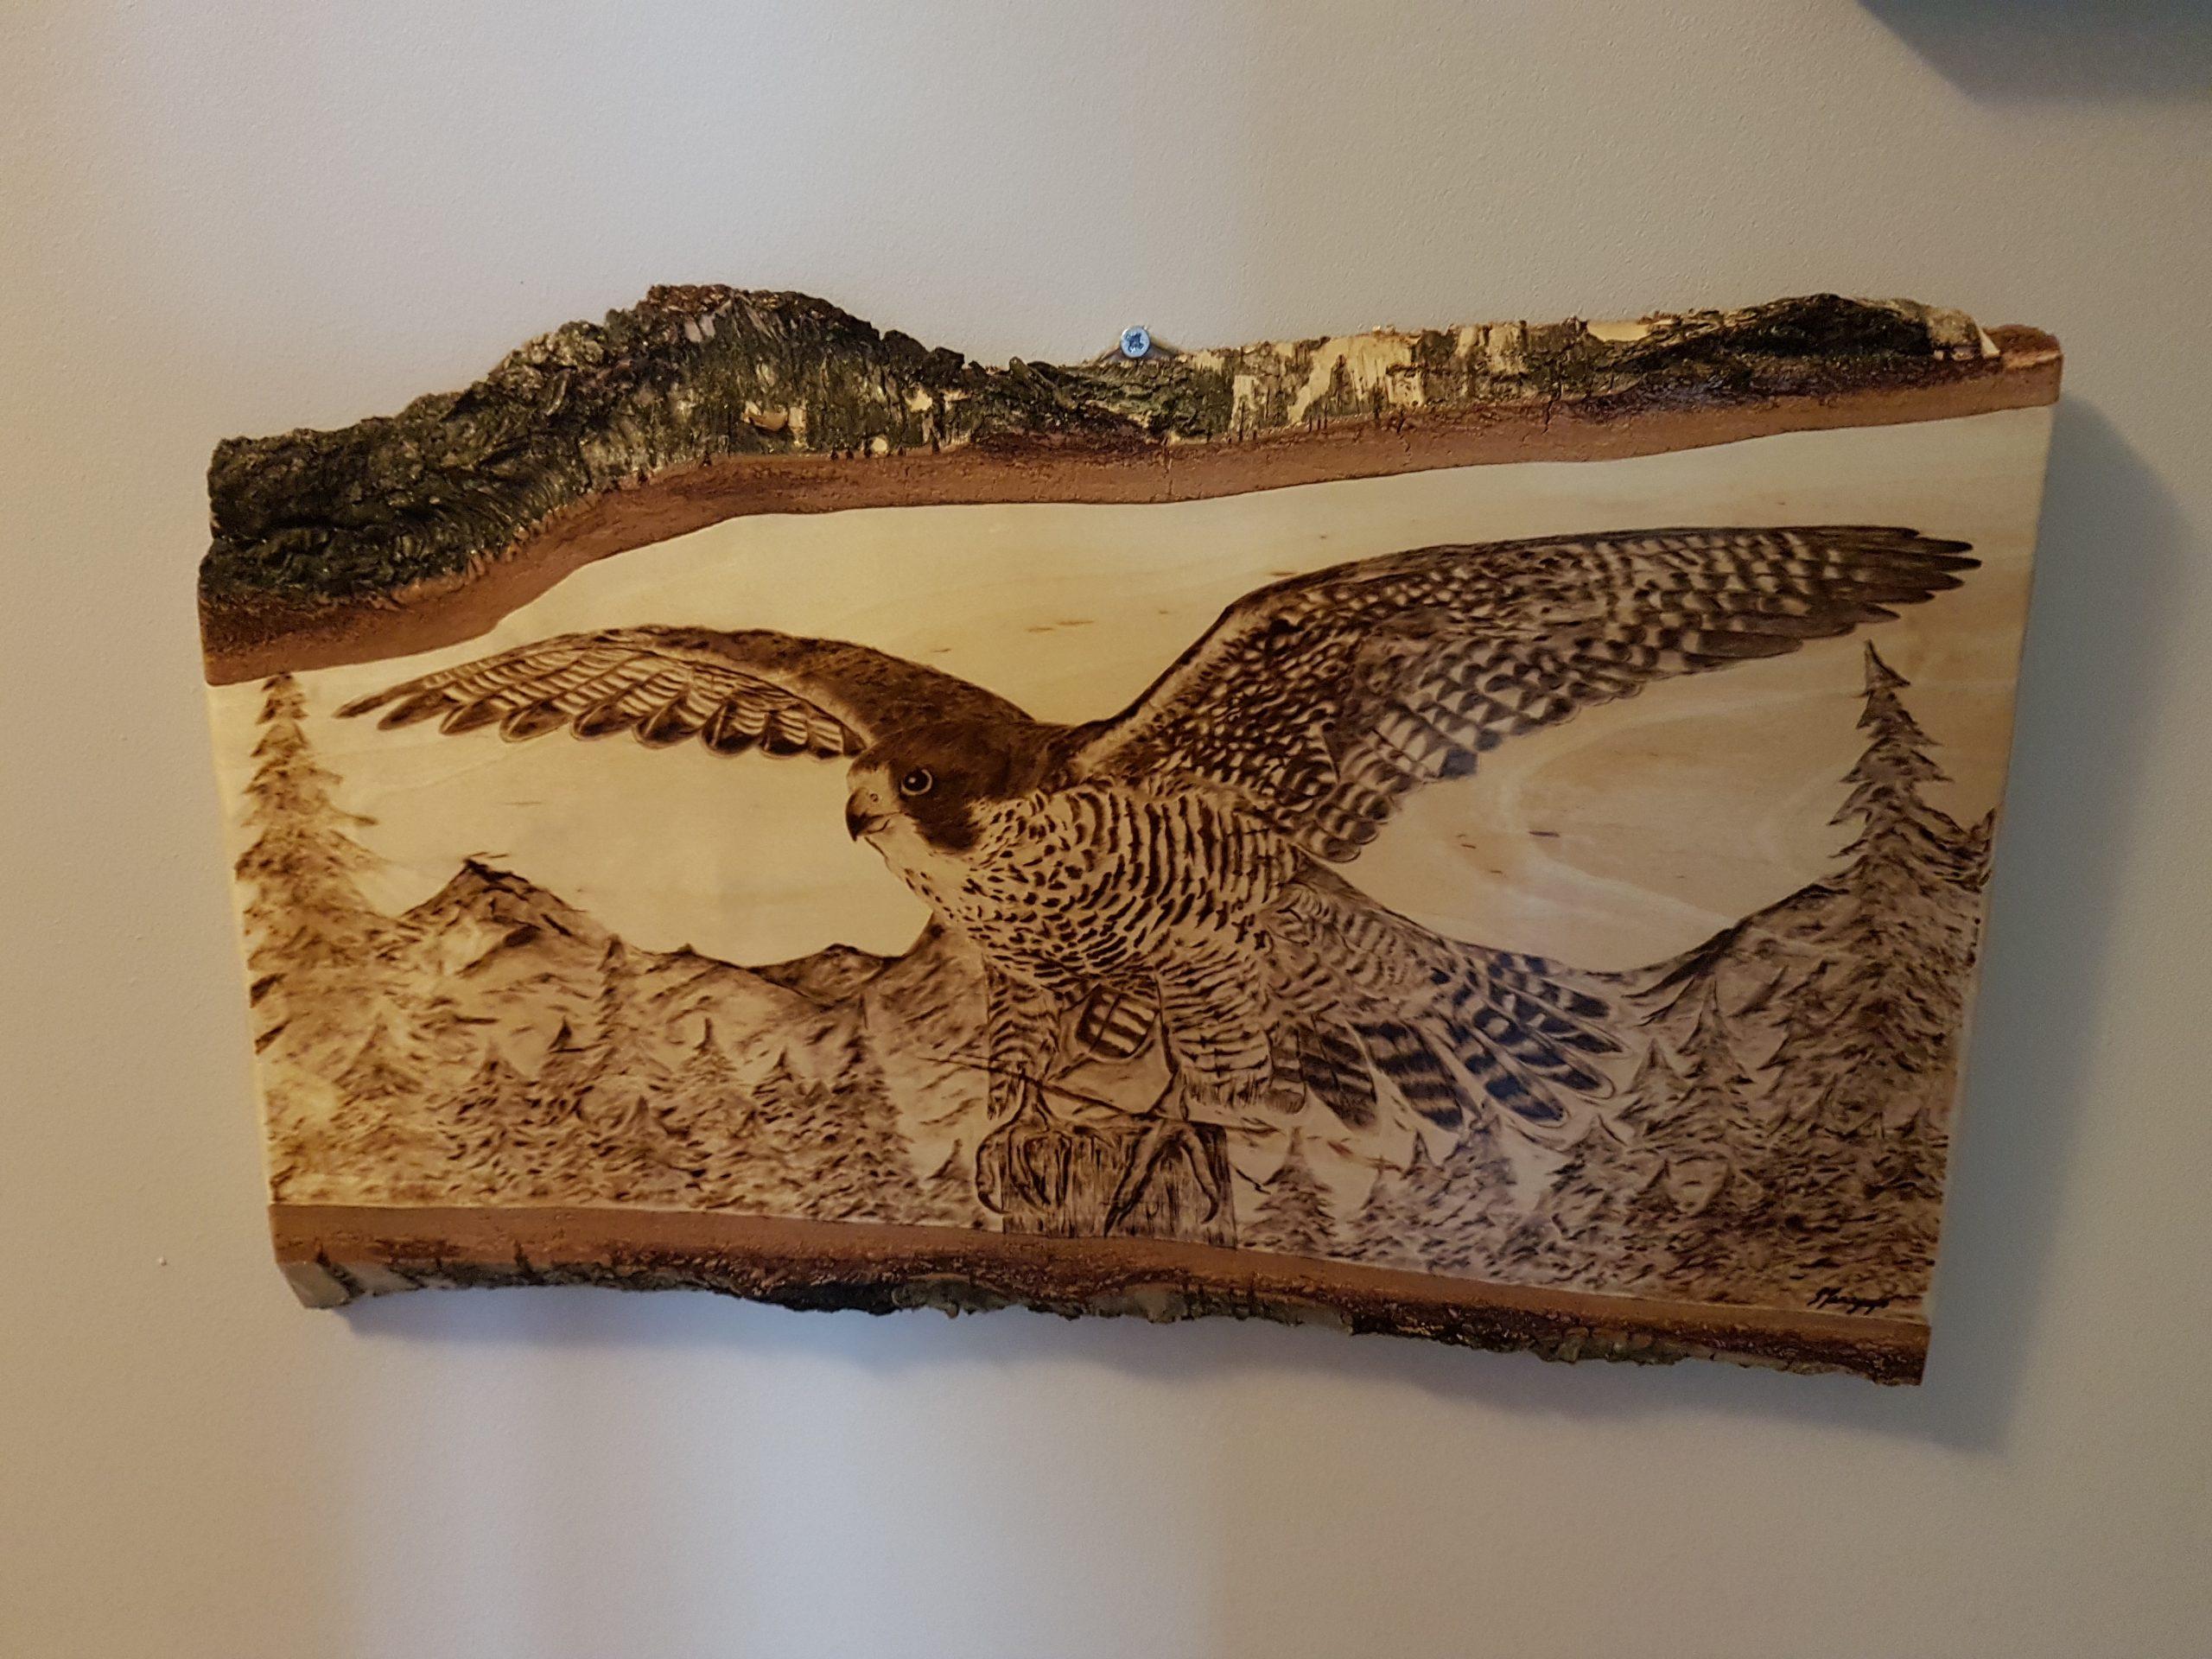 wypalanie w drewnie, sylwia, pirografia, janczyszyn, pyrography, handmade, rękodzieło, pomysł na prezent, sokół wędrowny